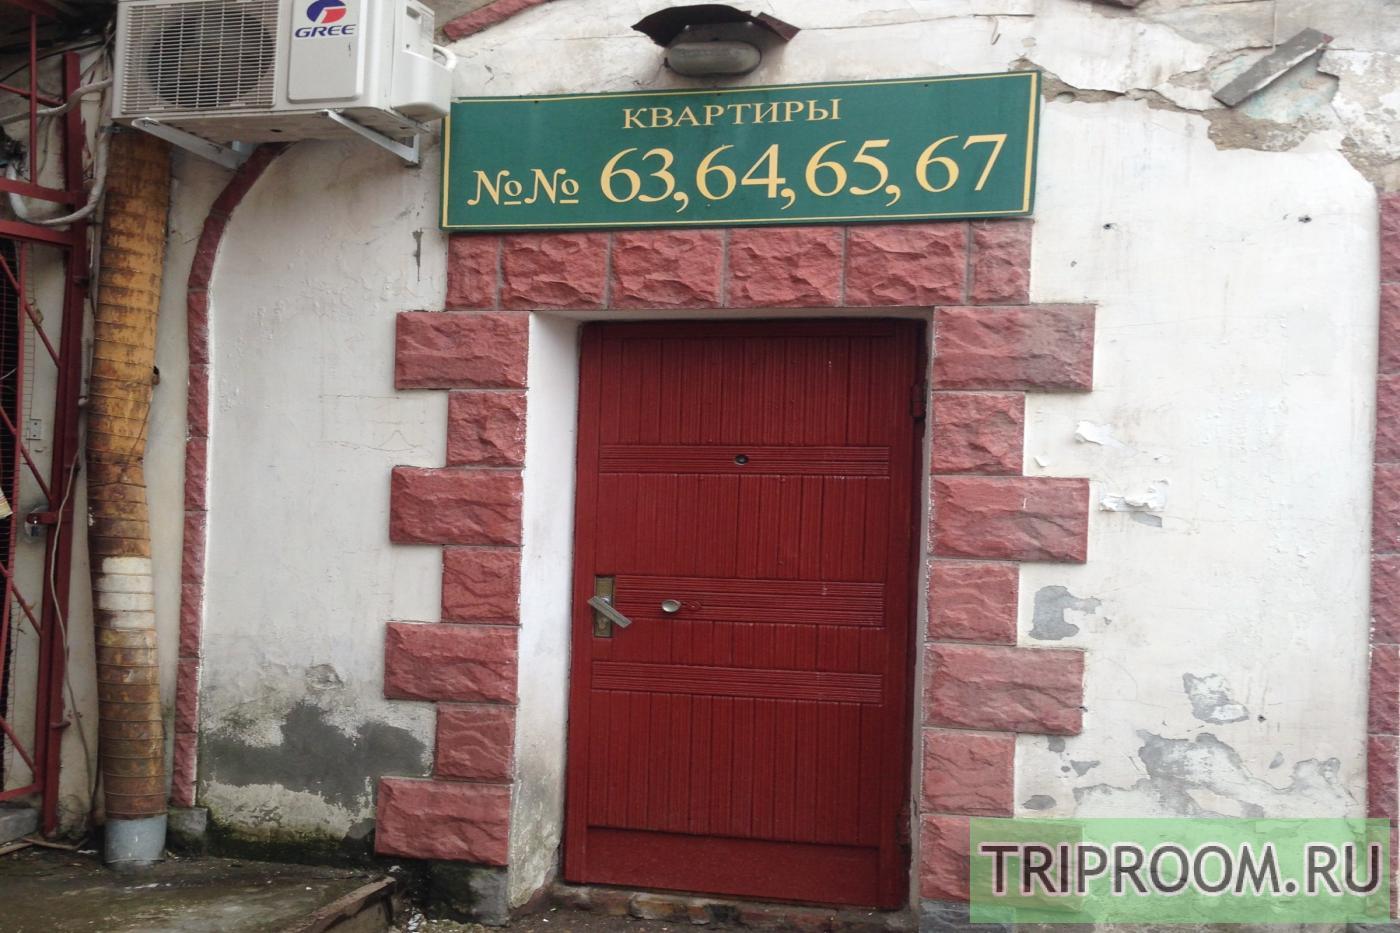 1-комнатная квартира посуточно (вариант № 18818), ул. Карла Маркса улица, фото № 9